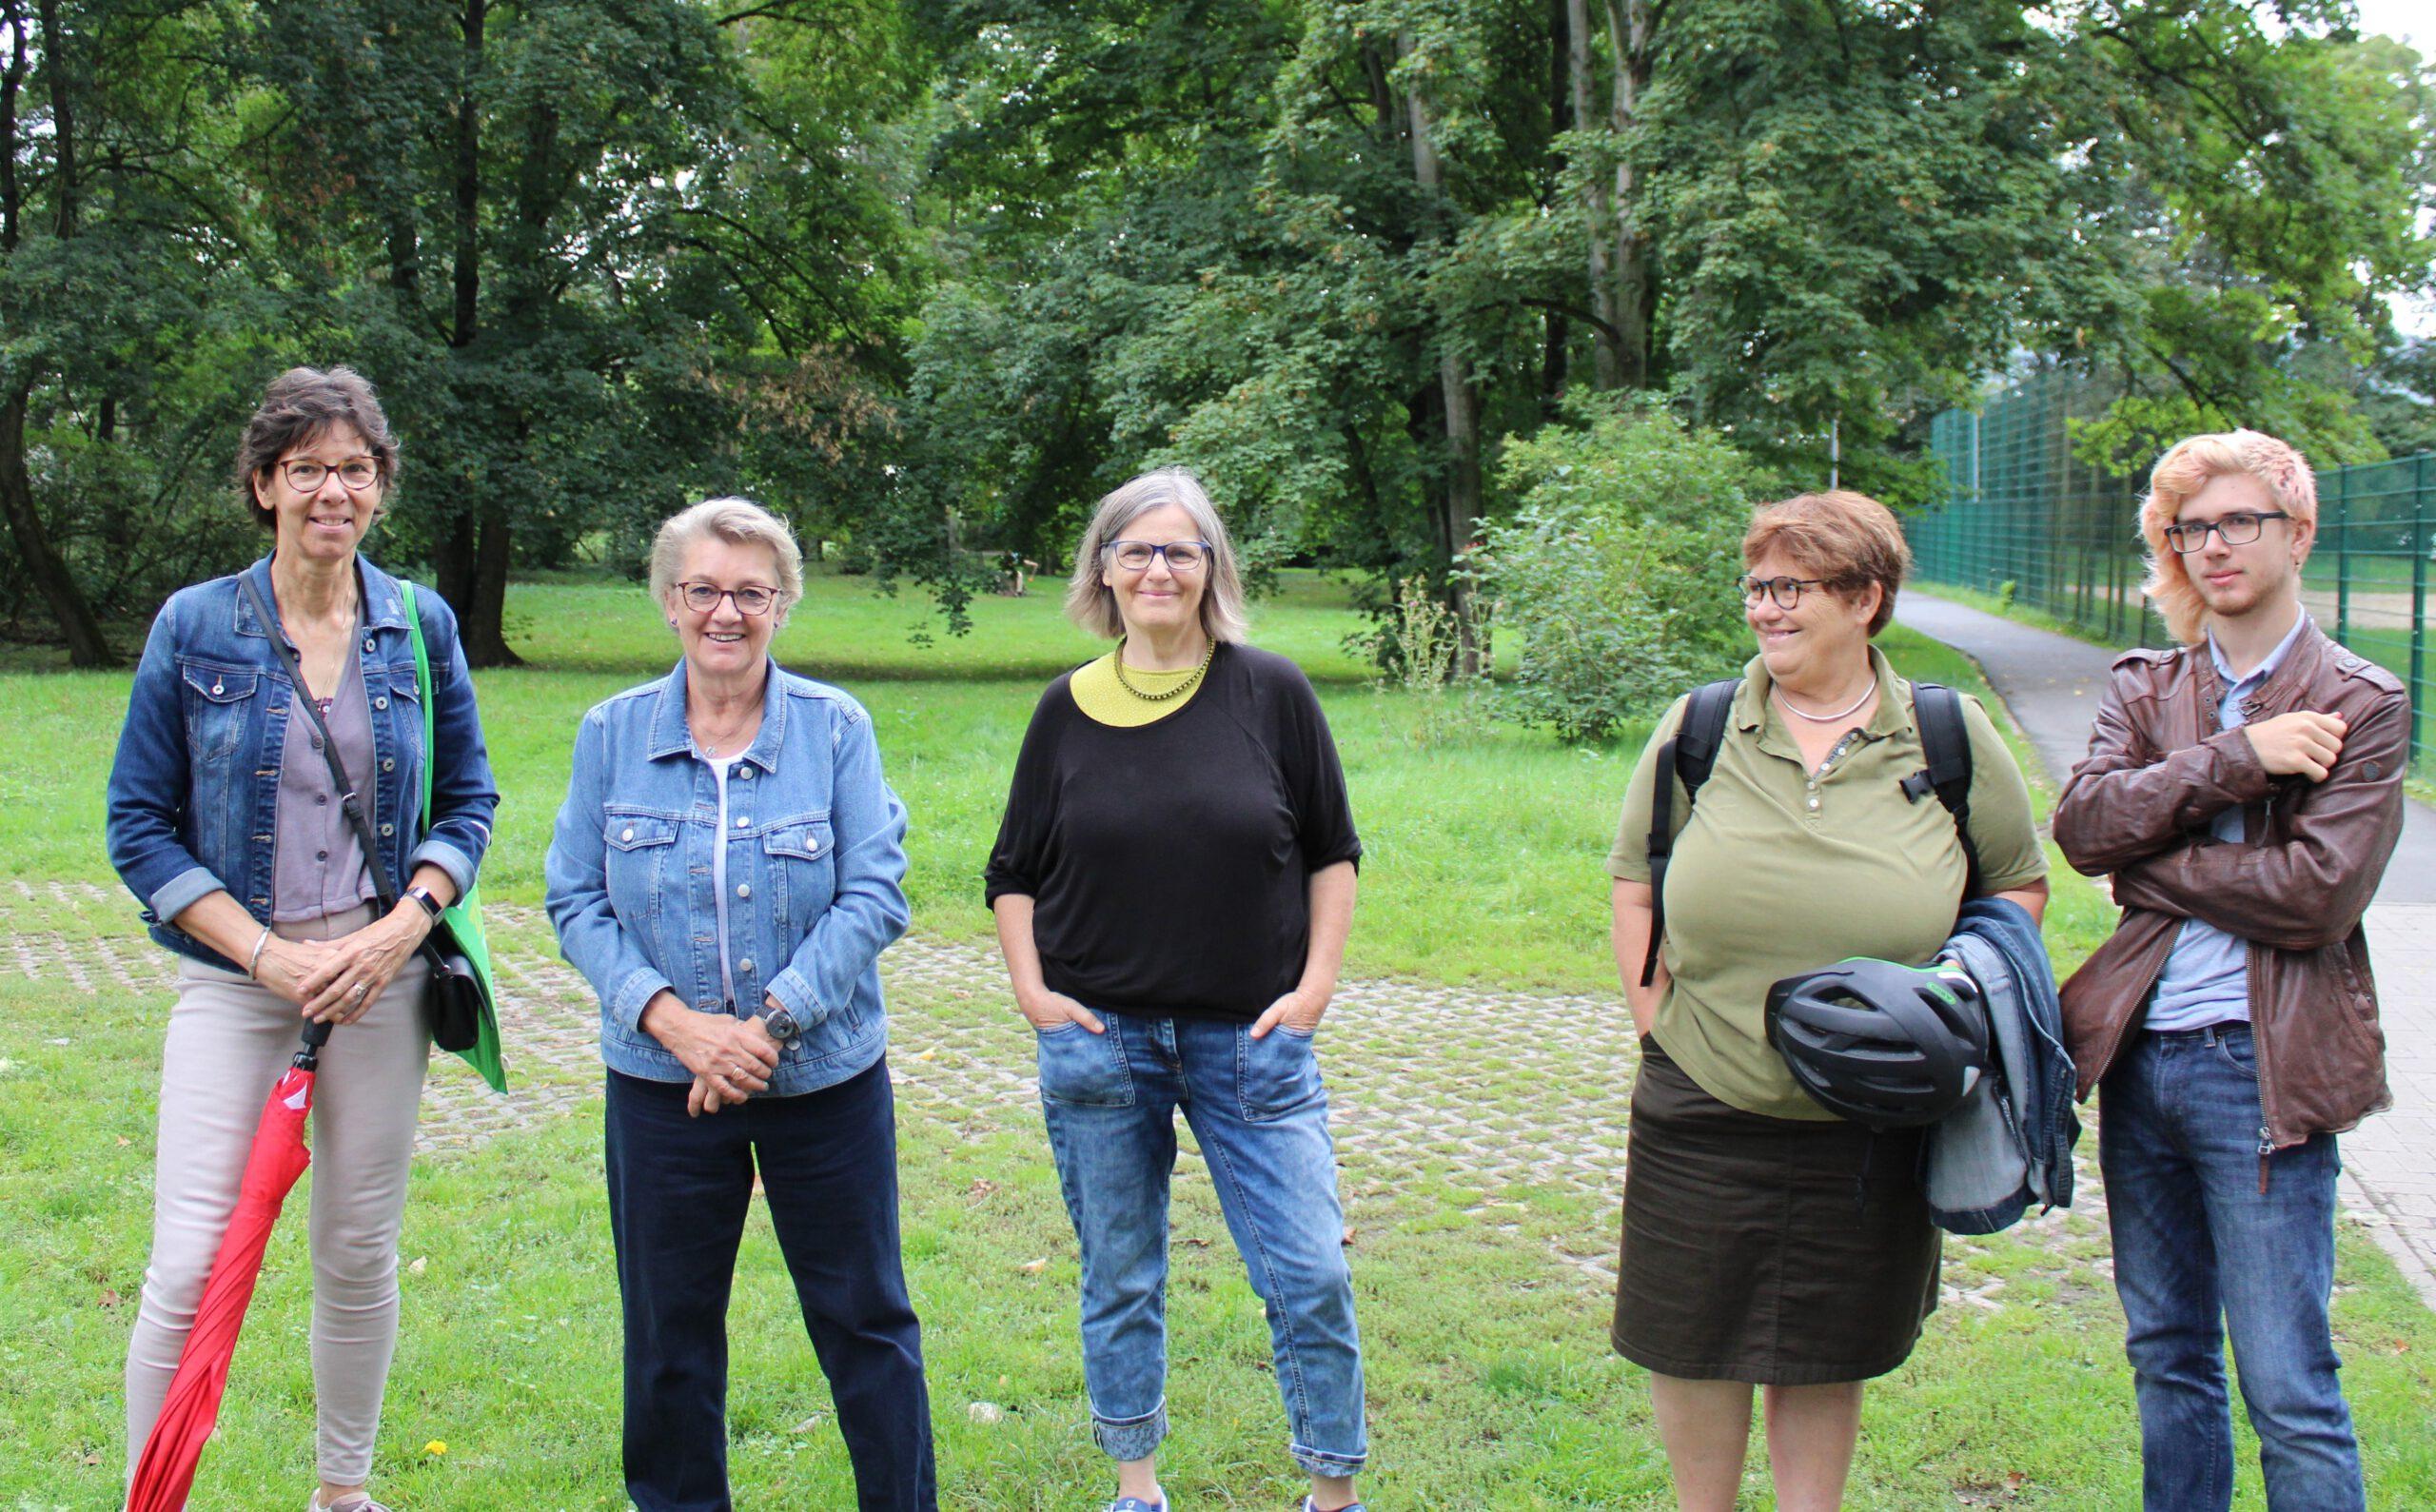 Bundestagswahlkampf nimmt Fahrt auf: Kordula Schulz-Asche zu Besuch in Kriftel, Informationsmaterial zur Wahl und ein  erster Infostand mit Solarmodul